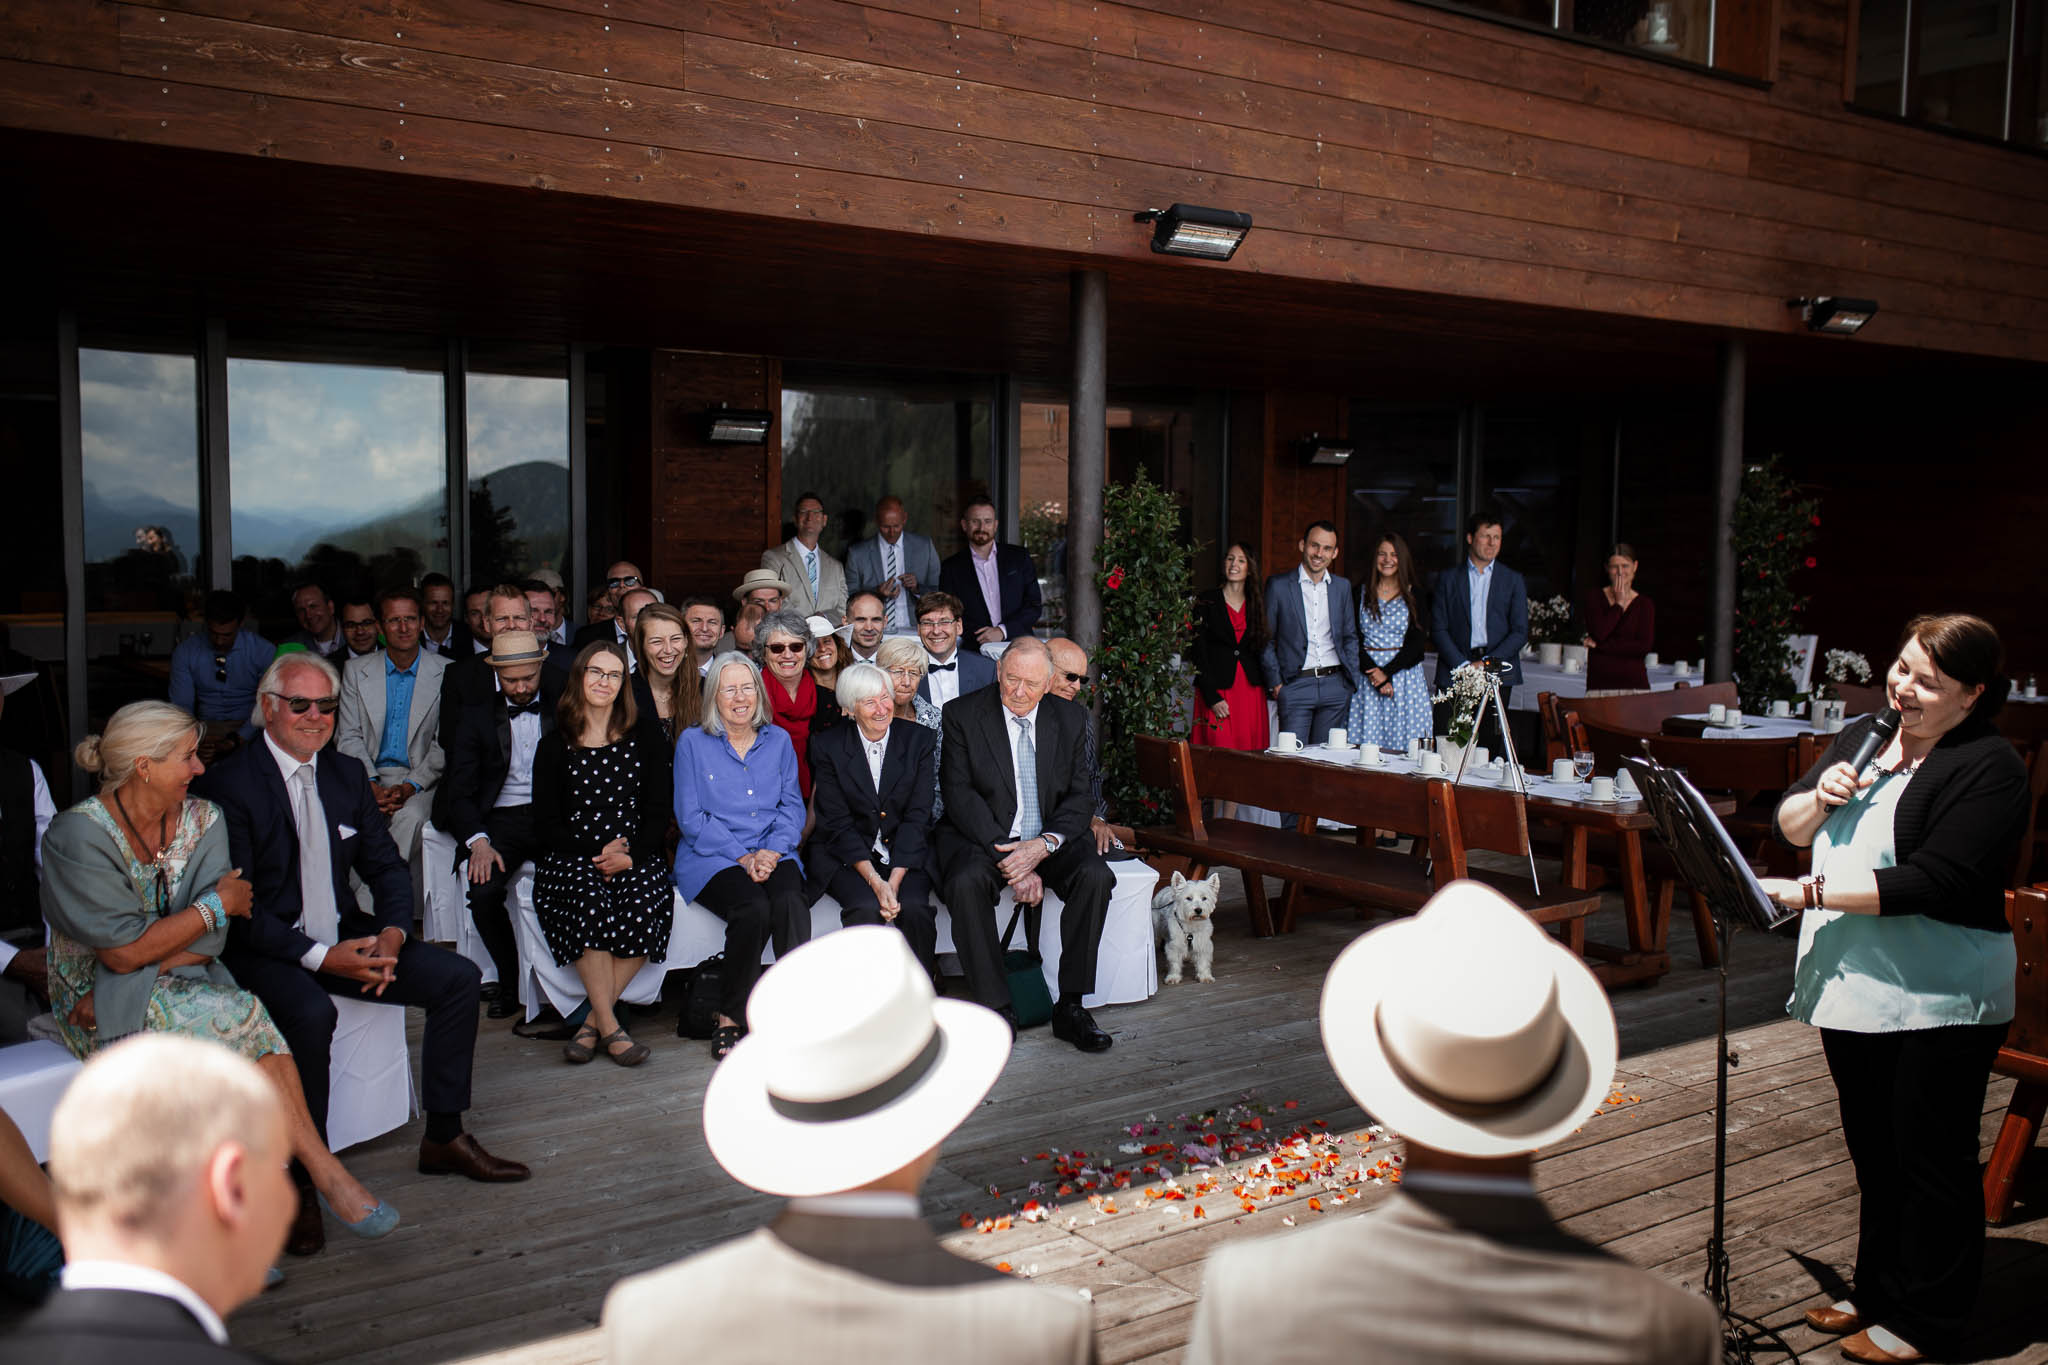 Hochzeitsfotograf Alpen, Chiemgau: freie Trauung von Dennis & Dirk 26